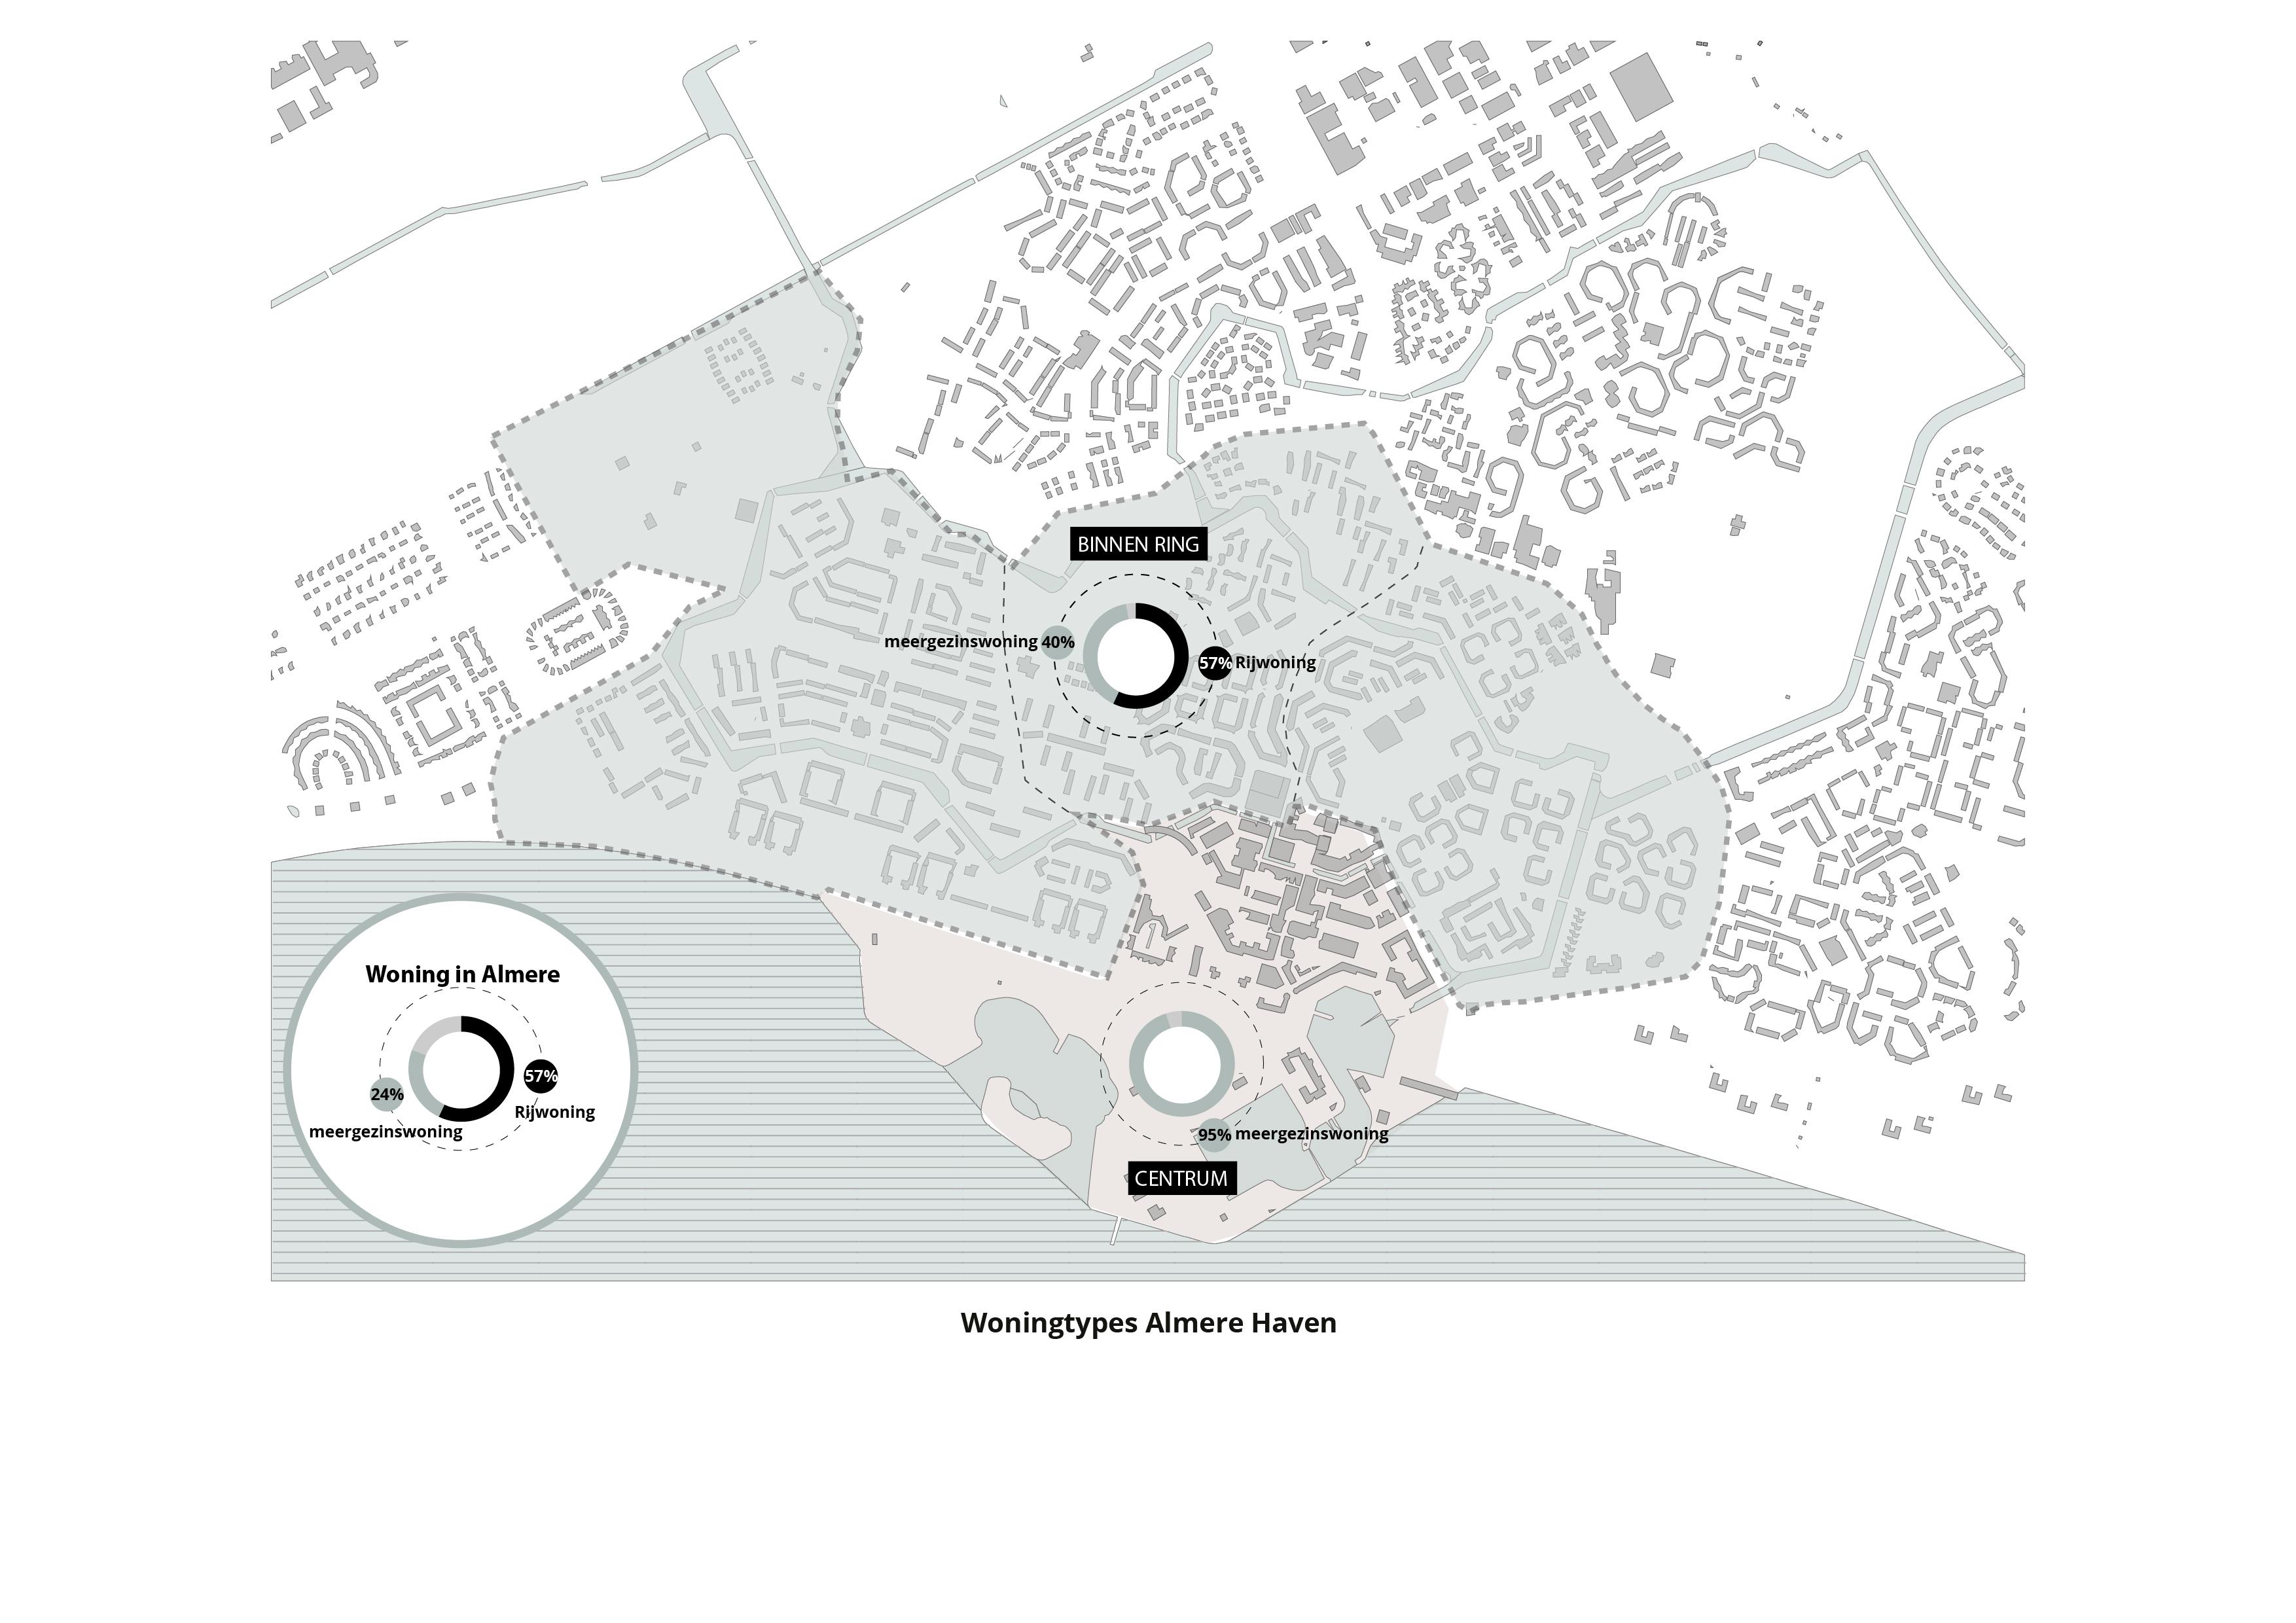 Koppelknopen Almere Haven – Woningtypes